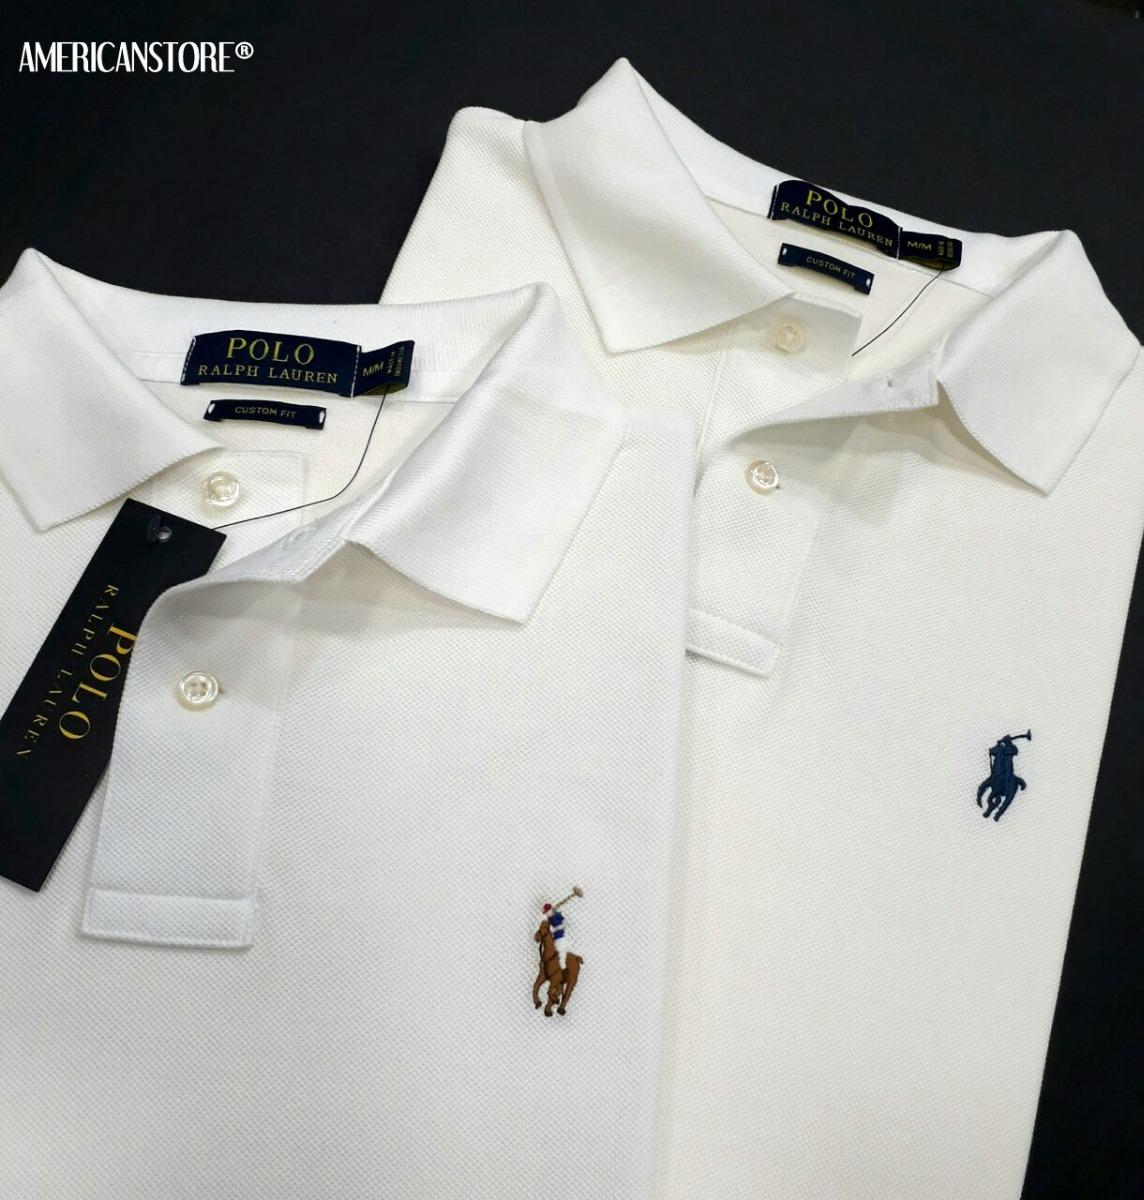 Camisetas Tipo Polo Ralph Lauren Original -   160.000 en Mercado Libre 1cd847bc704